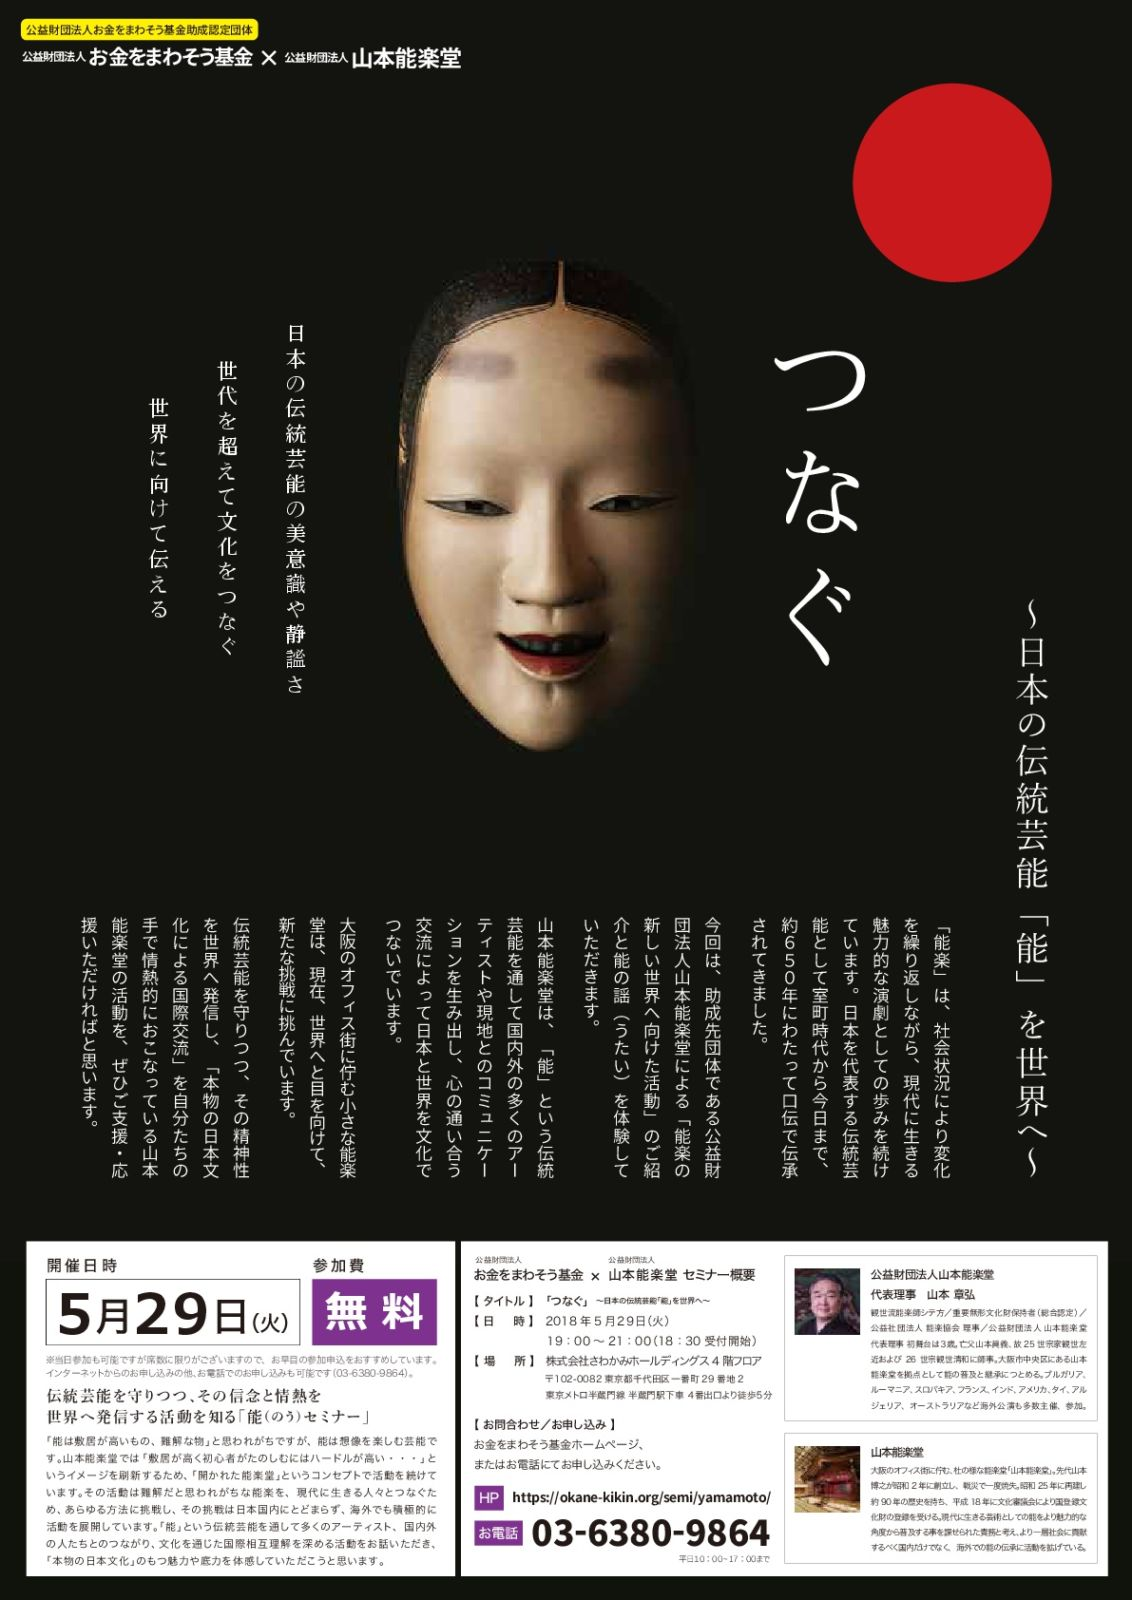 つなぐ~日本の伝統芸能「能」を世界へ~